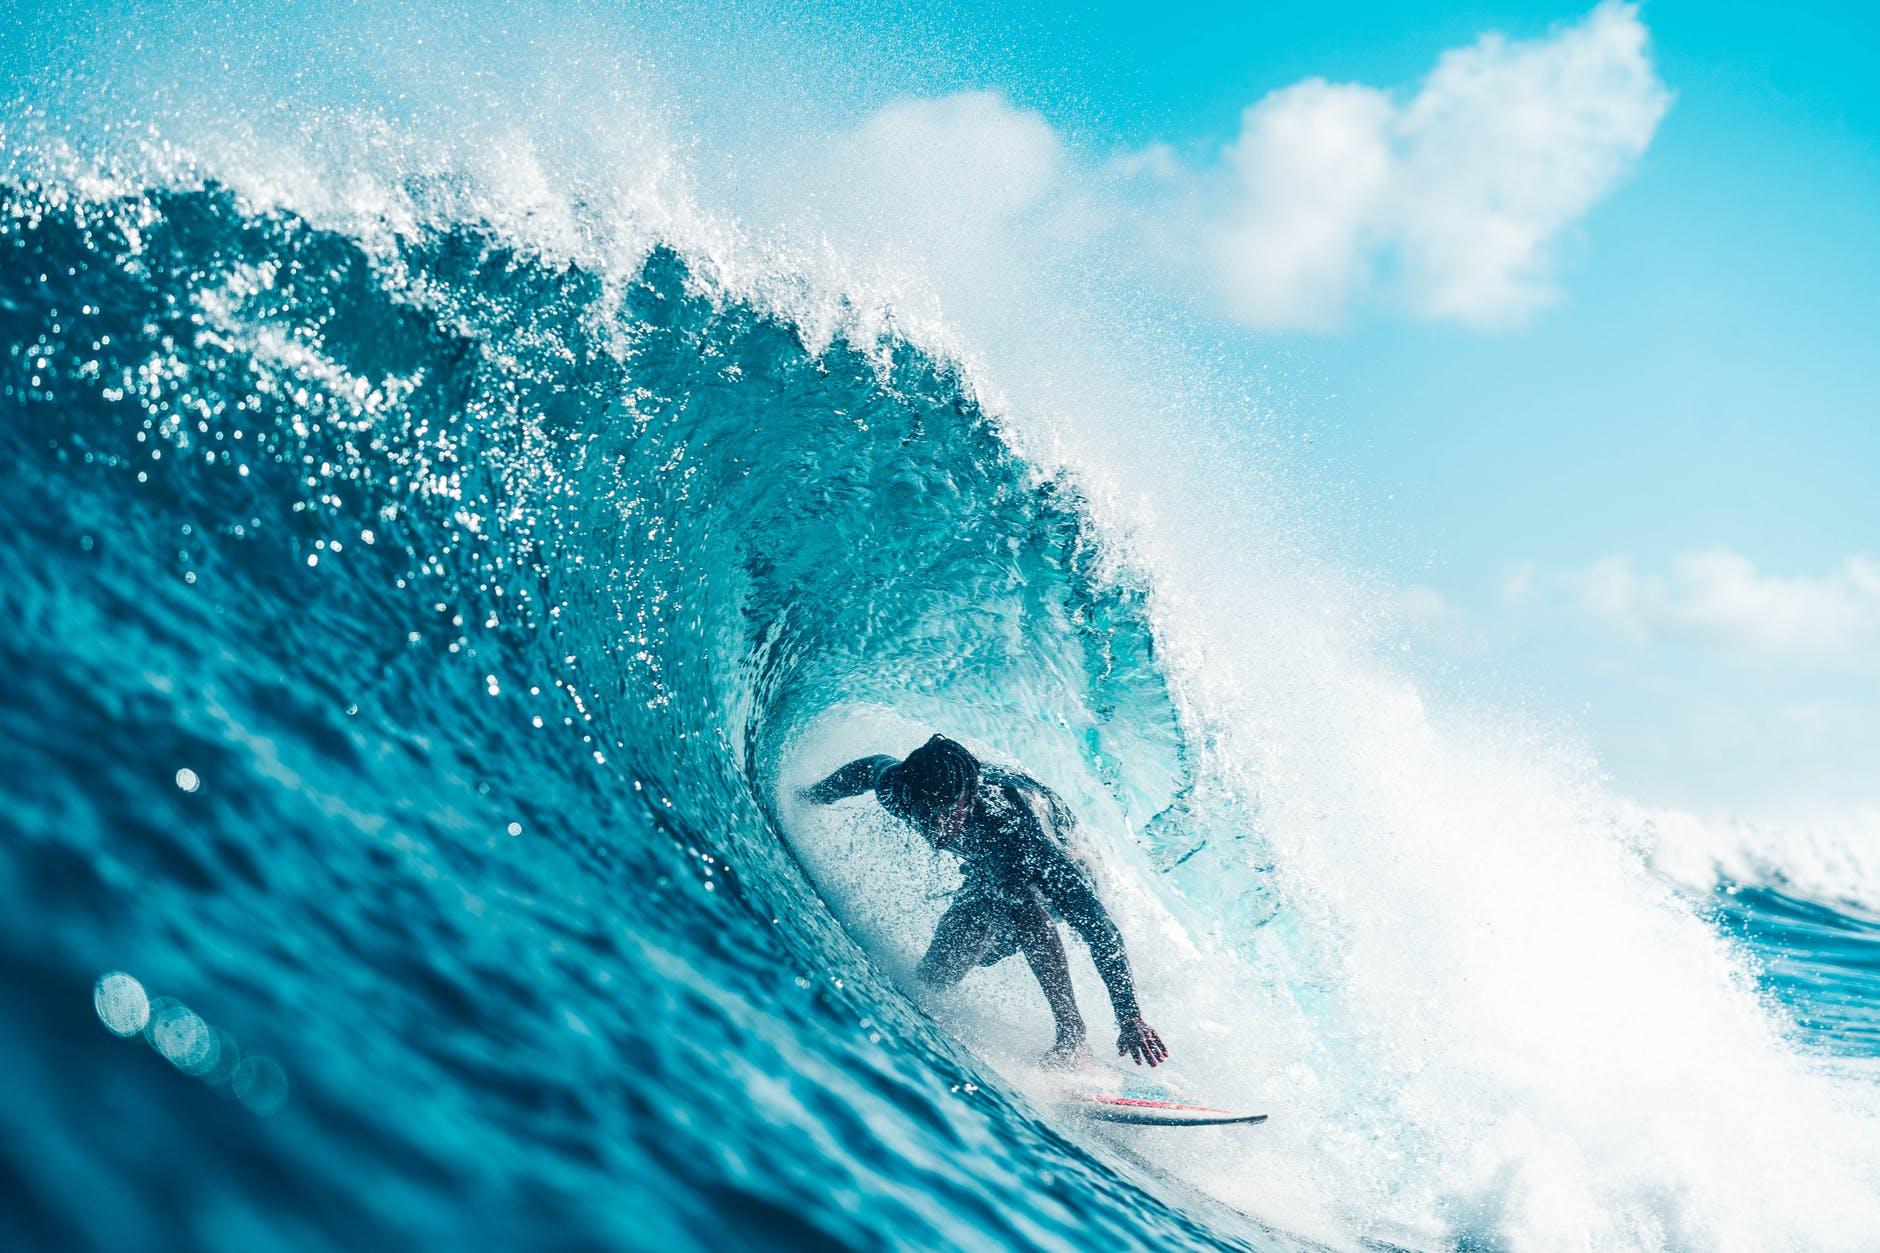 unrecognizable energetic surfer riding azure sea wave